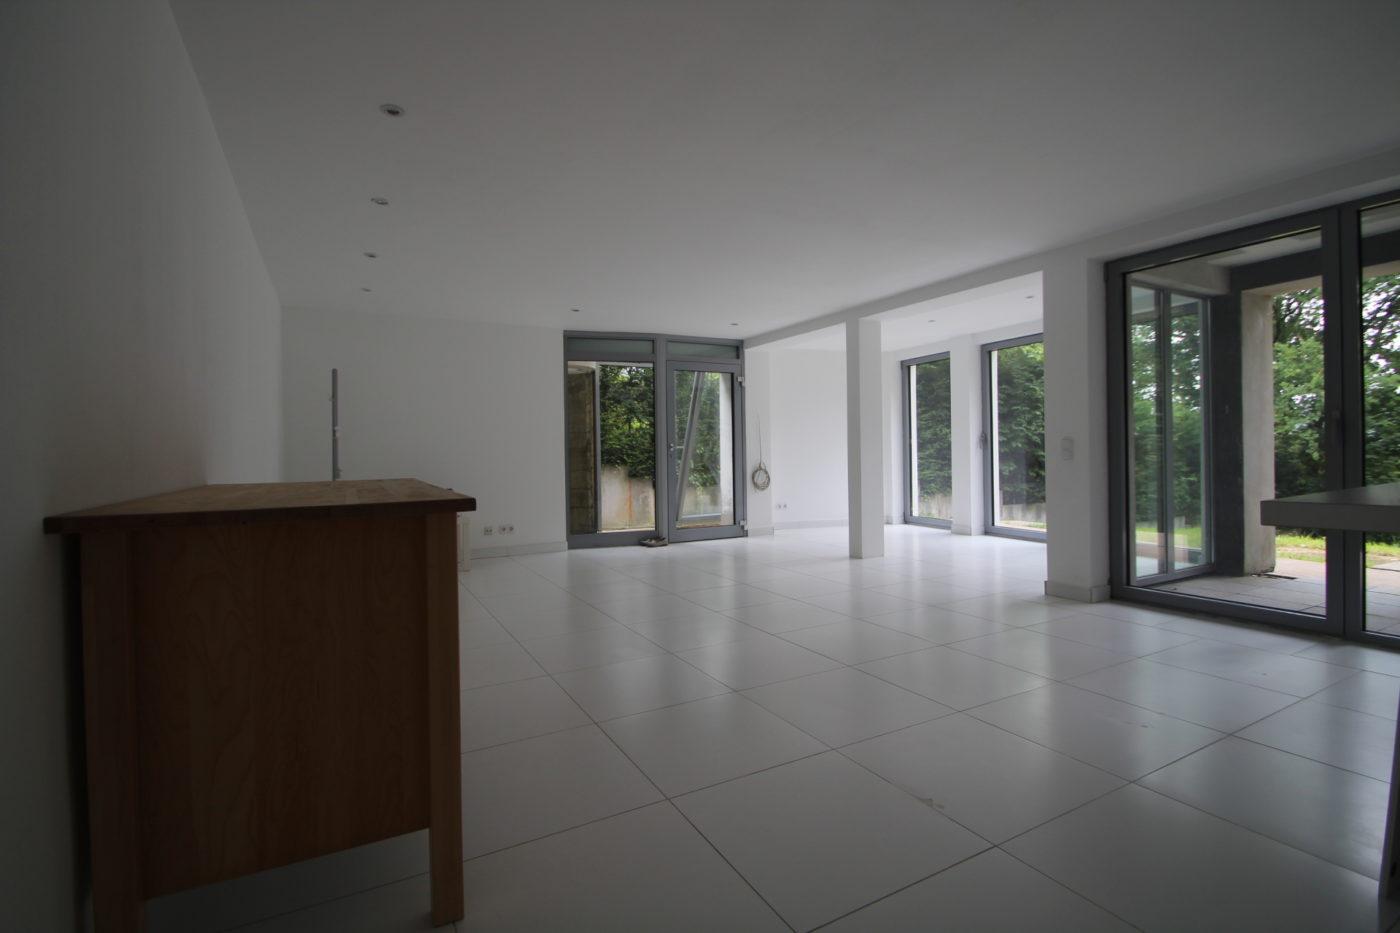 Blickfang Homestaging macht aus Immobilien ein Zuhause. Der Verkäufer verkauft ein Haus, aber der Käufer sucht ein Zuhause! Ein Zuhause ist auf diesem Foto noch nicht zu erkennen